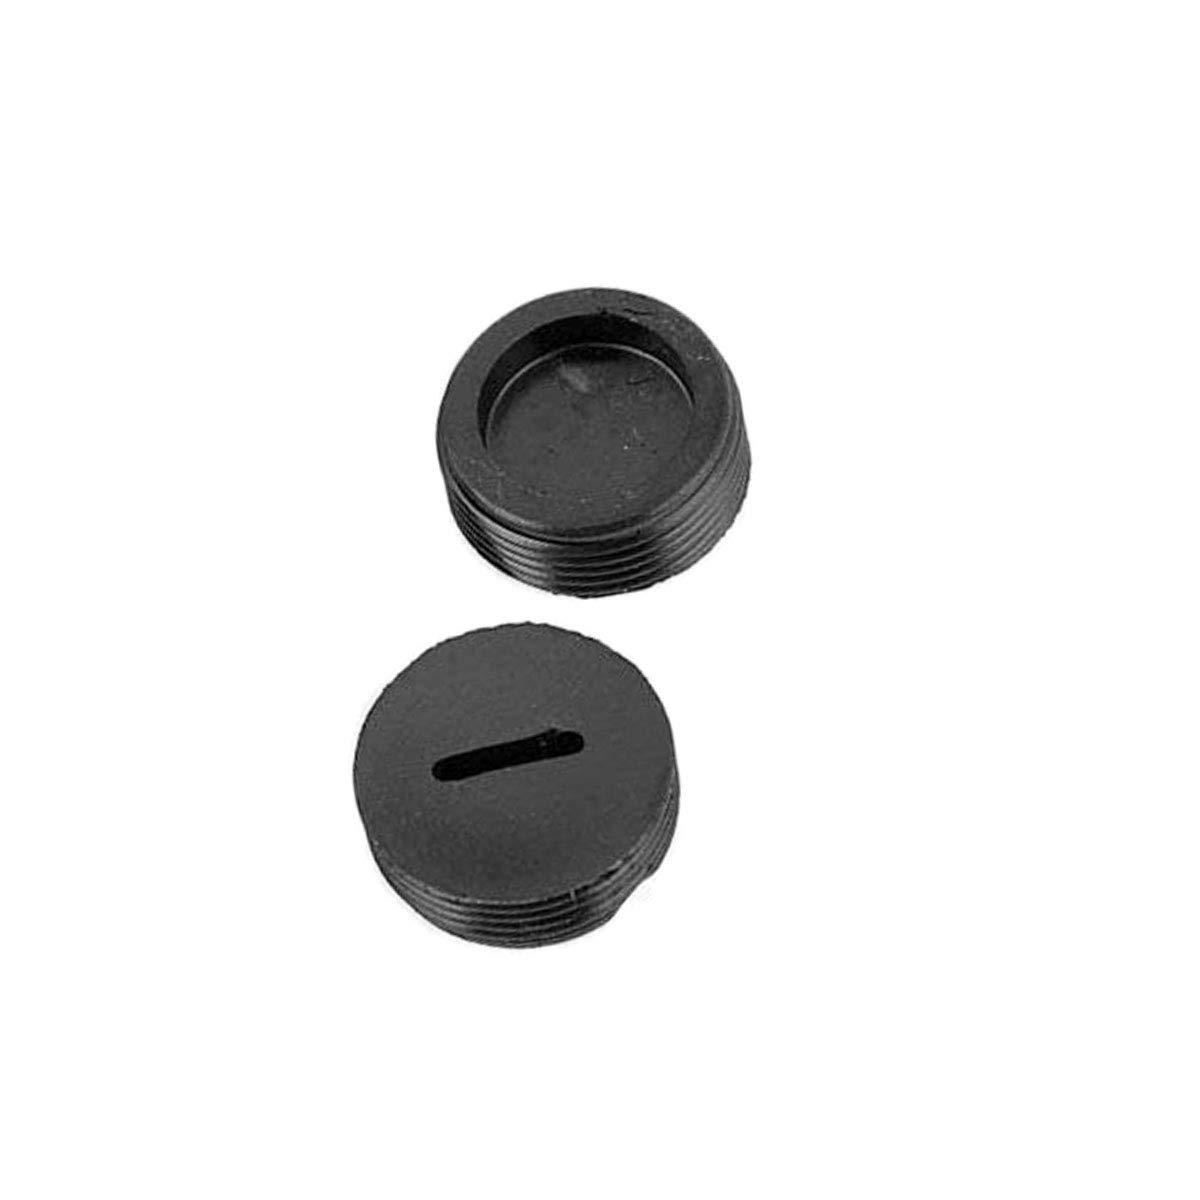 COMOK Motor Replaceable 19.5mm Dia Thread Black Plastic Carbon Brush Cap Cover 20Pcs